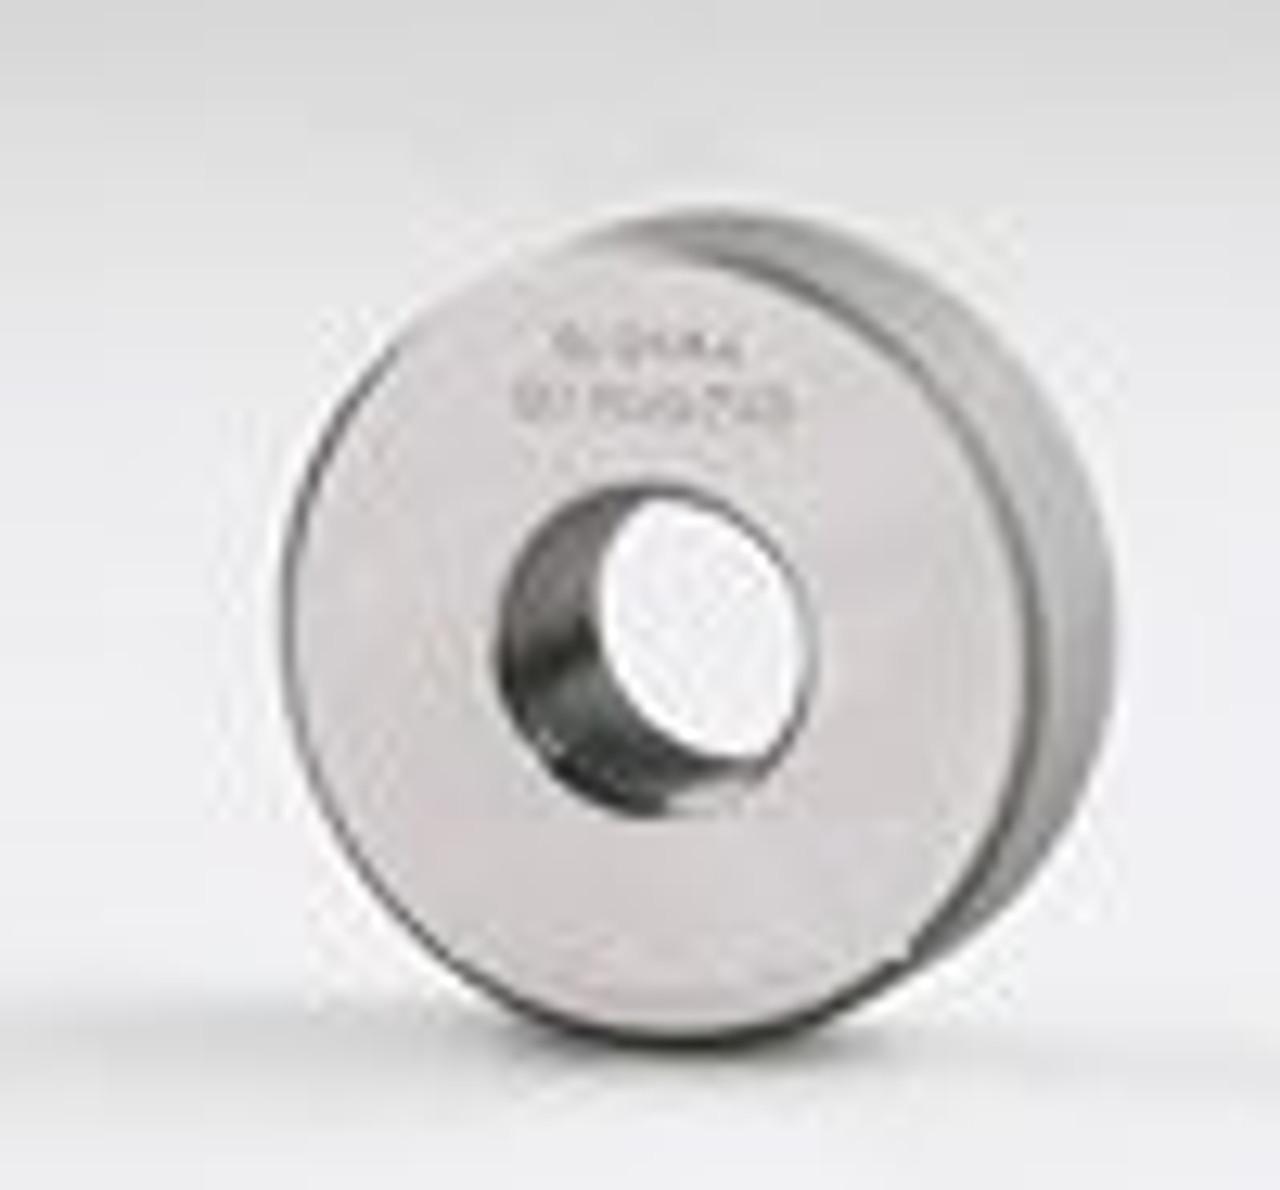 """BSPP 1-1/4"""" - 11 Go Thread Ring Gauge - (BSP1-1/4RG-GO)"""